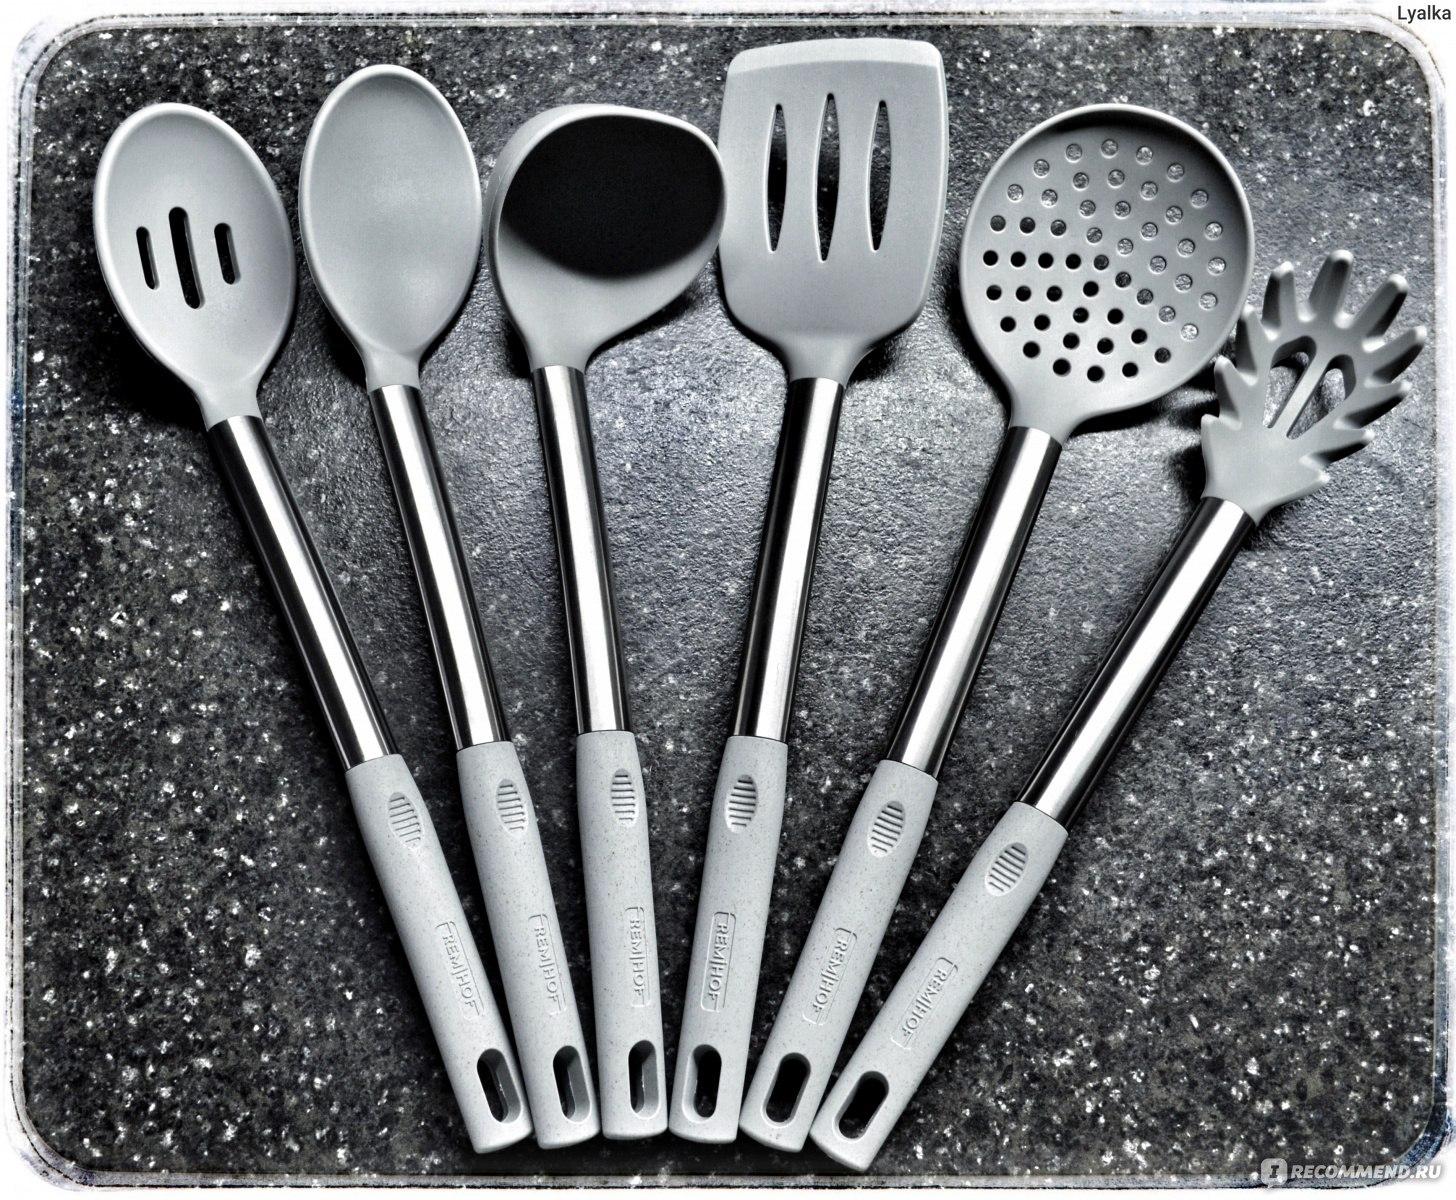 Большой кухонный набор принадлежностей